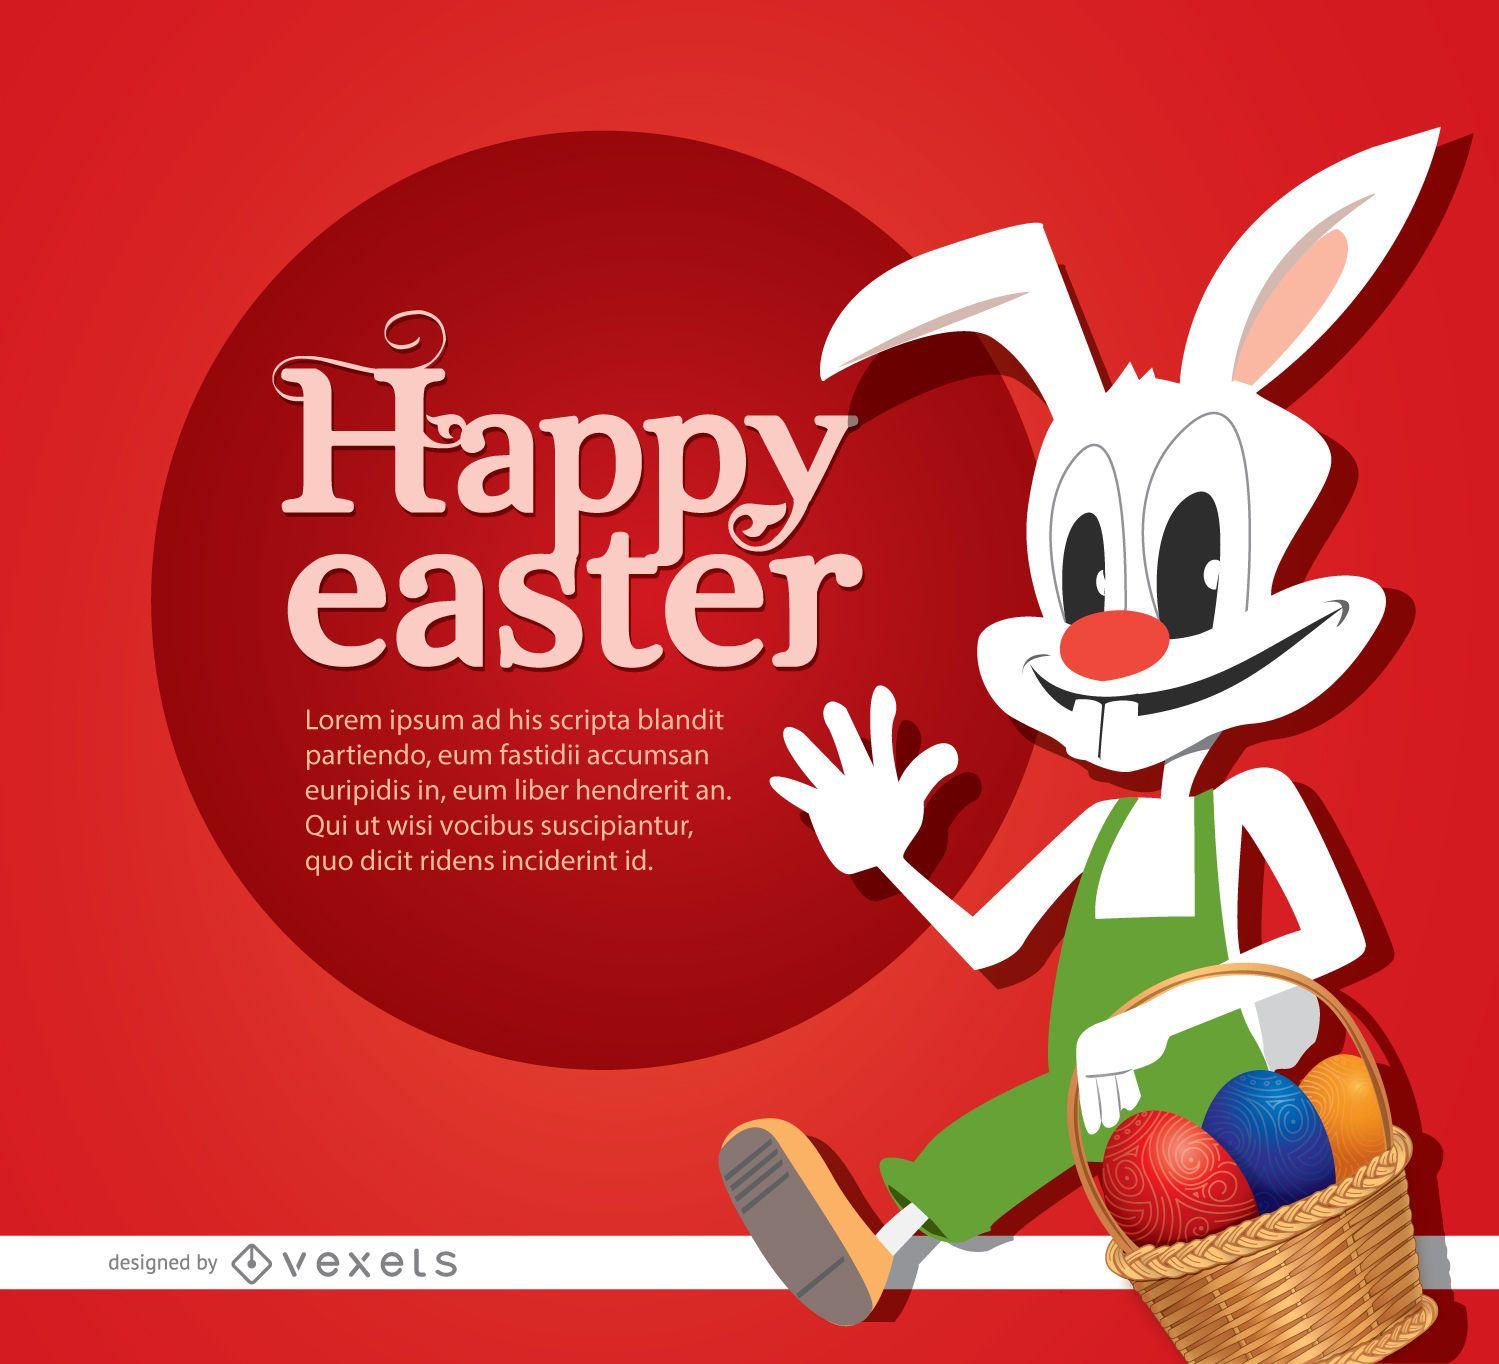 Cesta de ovos de coelho de desenho animado da Páscoa